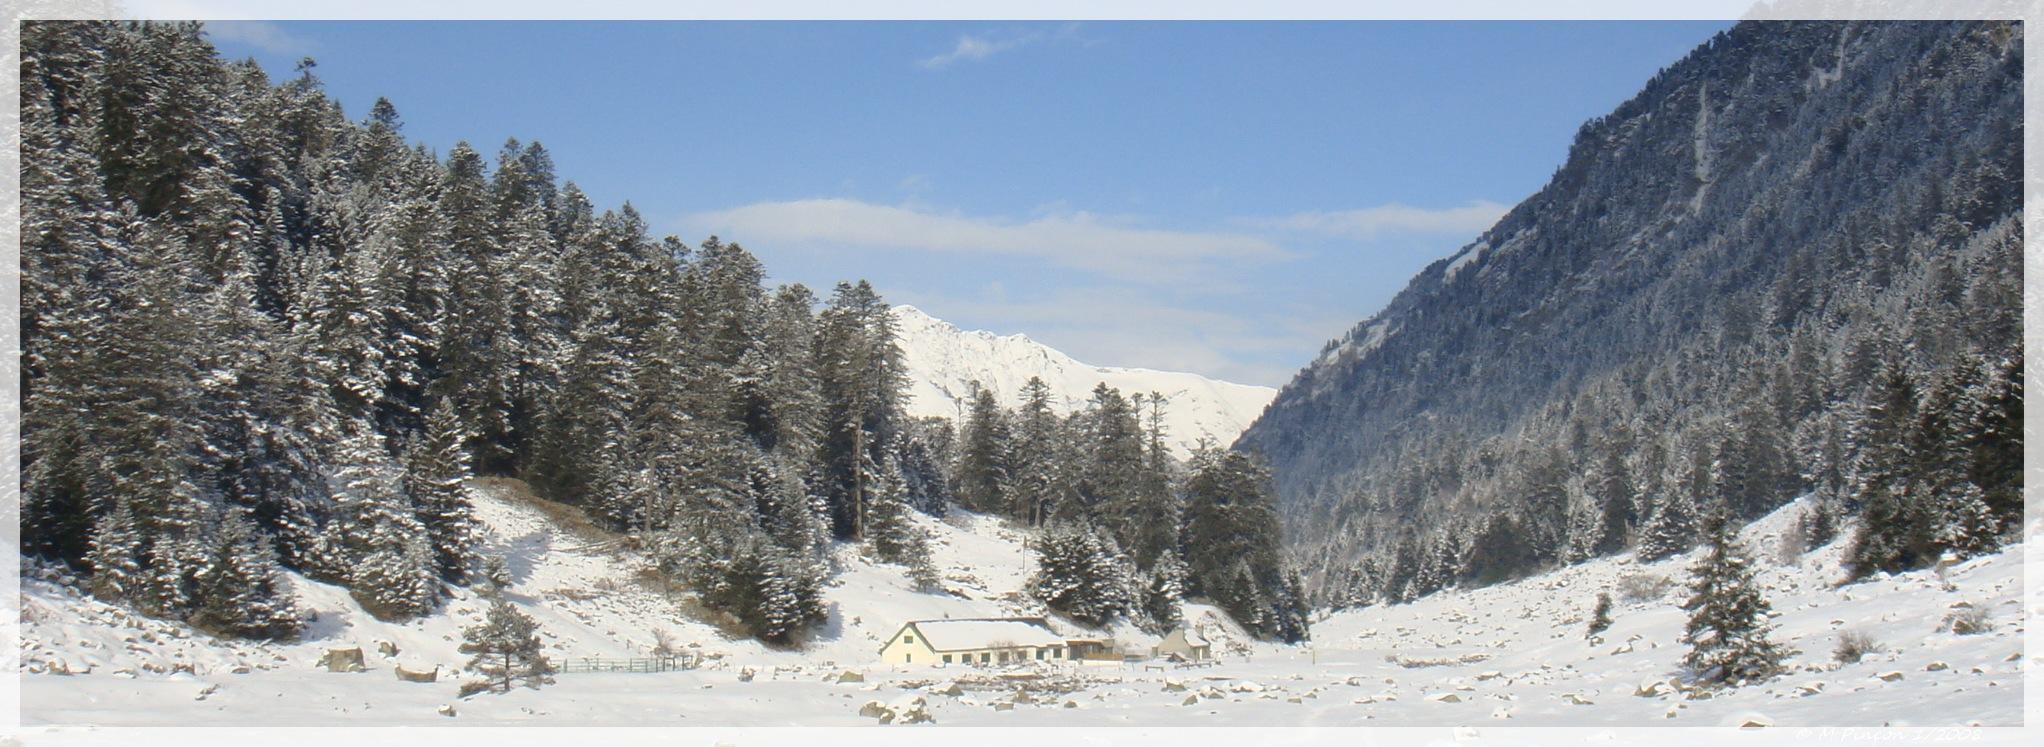 Une semaine à la Neige dans les Htes Pyrénées - Page 2 898394DSC01152